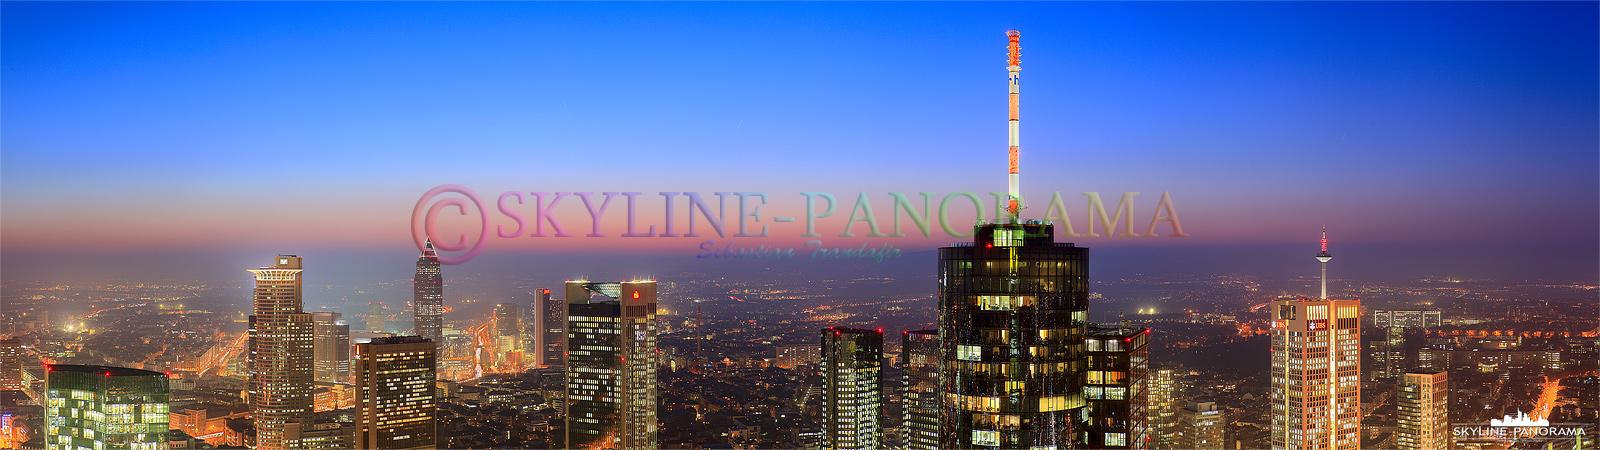 Panorama Aussicht mit dem Maintower - Dieses Panorama zeigt die bekannten Tower der Frankfurter Skyline mit Blick in das Frankfurter Westend.